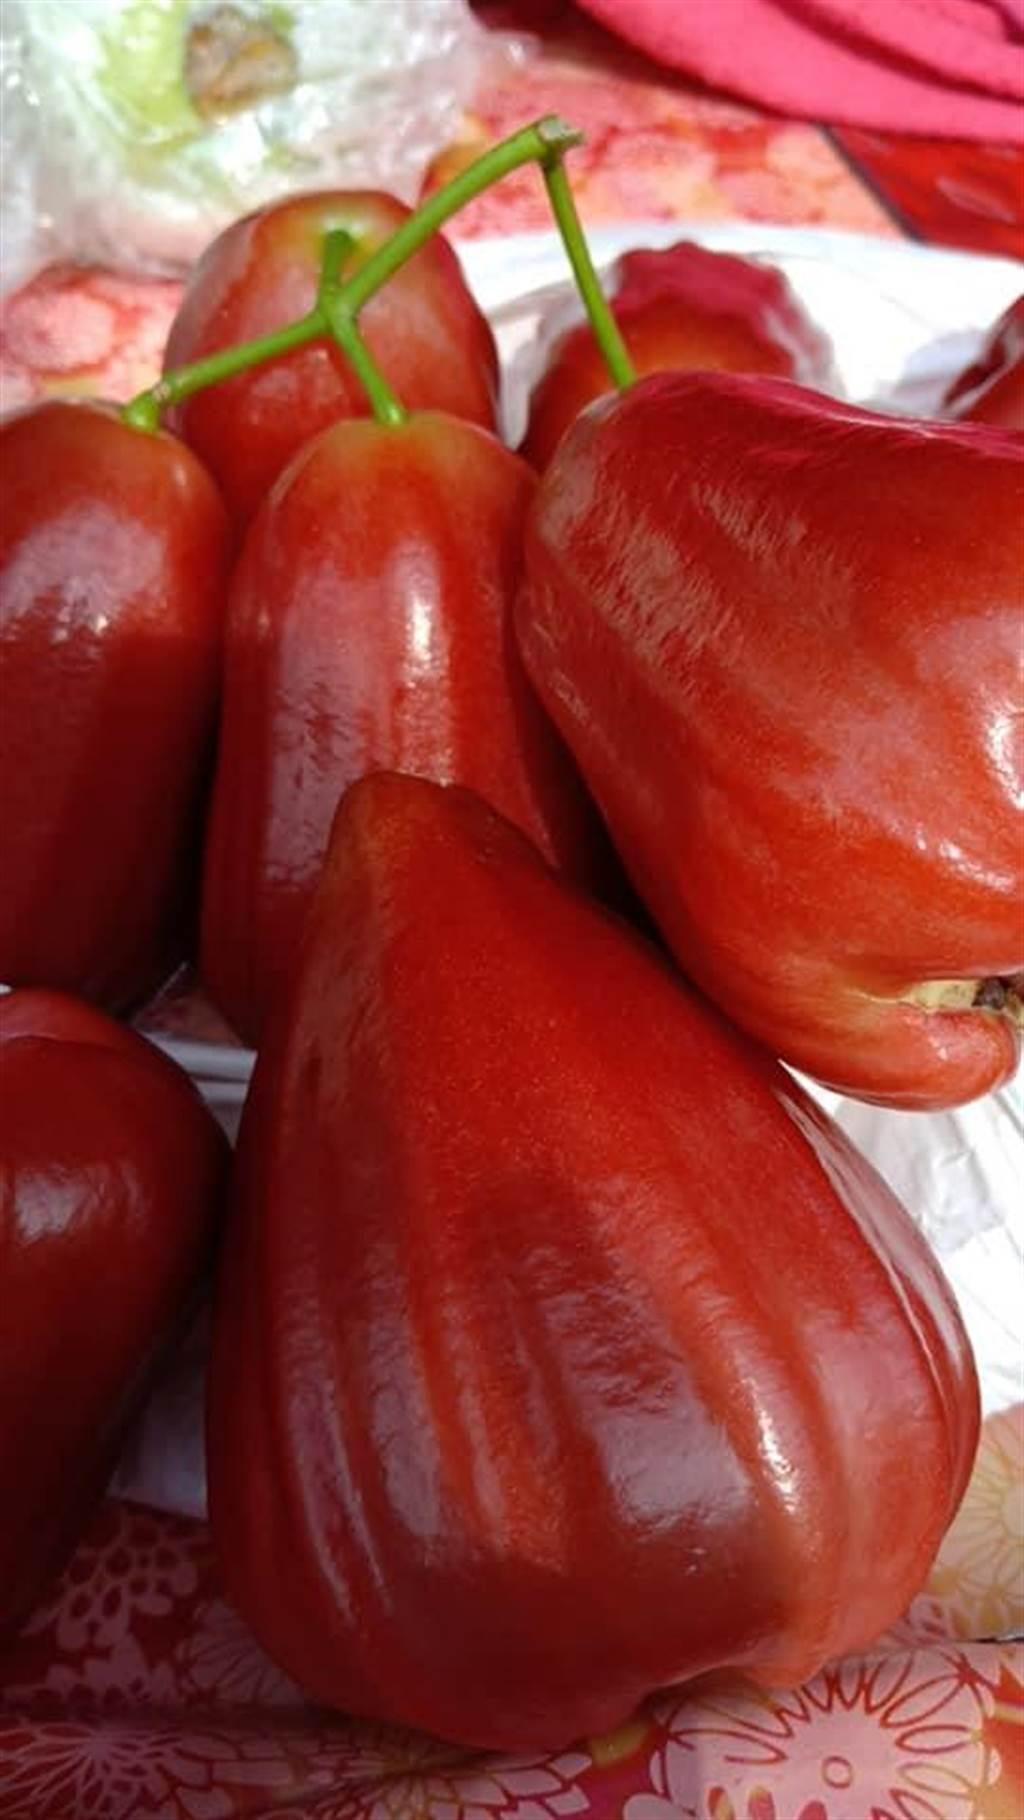 劉姓果農賣的紫蜜蓮霧果實飽滿、賣像佳,吸引一些網友上網詢問。(摘自六龜加油站蓮霧當季水果臉書/林瑞益高雄傳真)